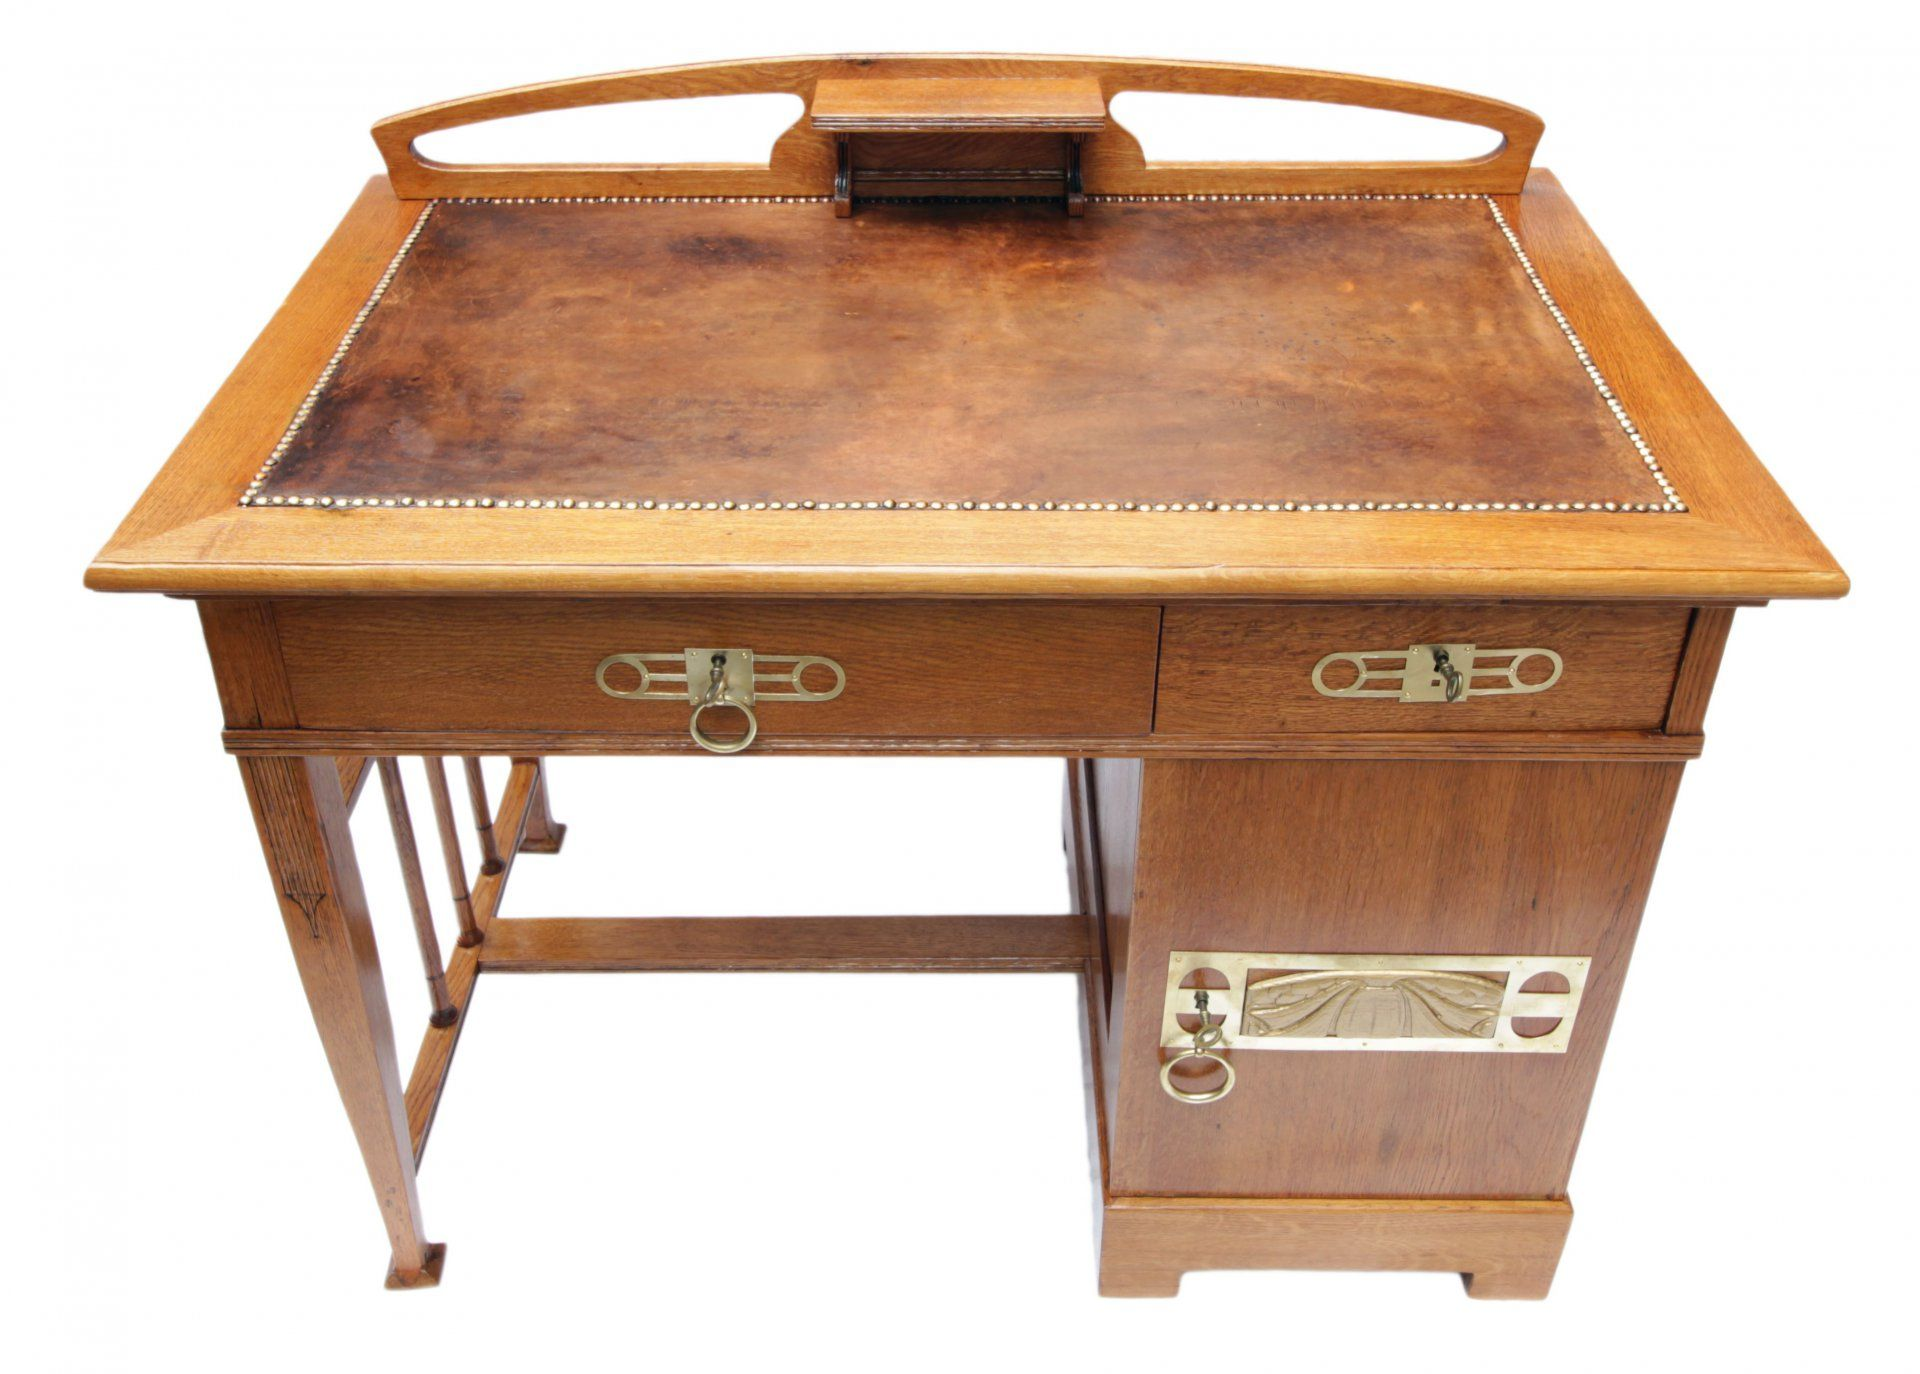 verkauft kleiner schreibtisch eiche jugendstil antiquit ten antik m bel jugendstil. Black Bedroom Furniture Sets. Home Design Ideas